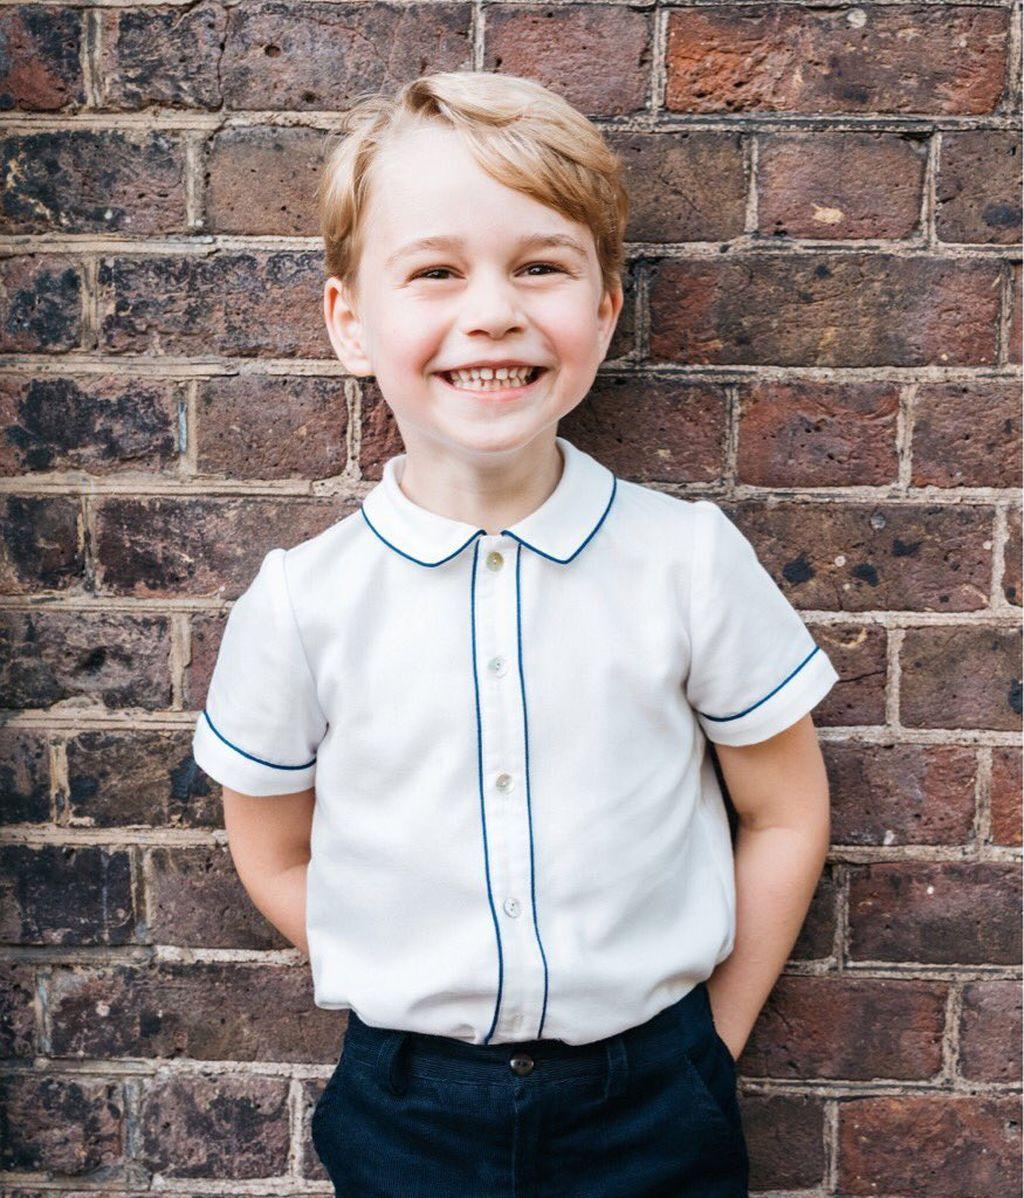 La tierna foto del príncipe George para celebrar sus 5 años